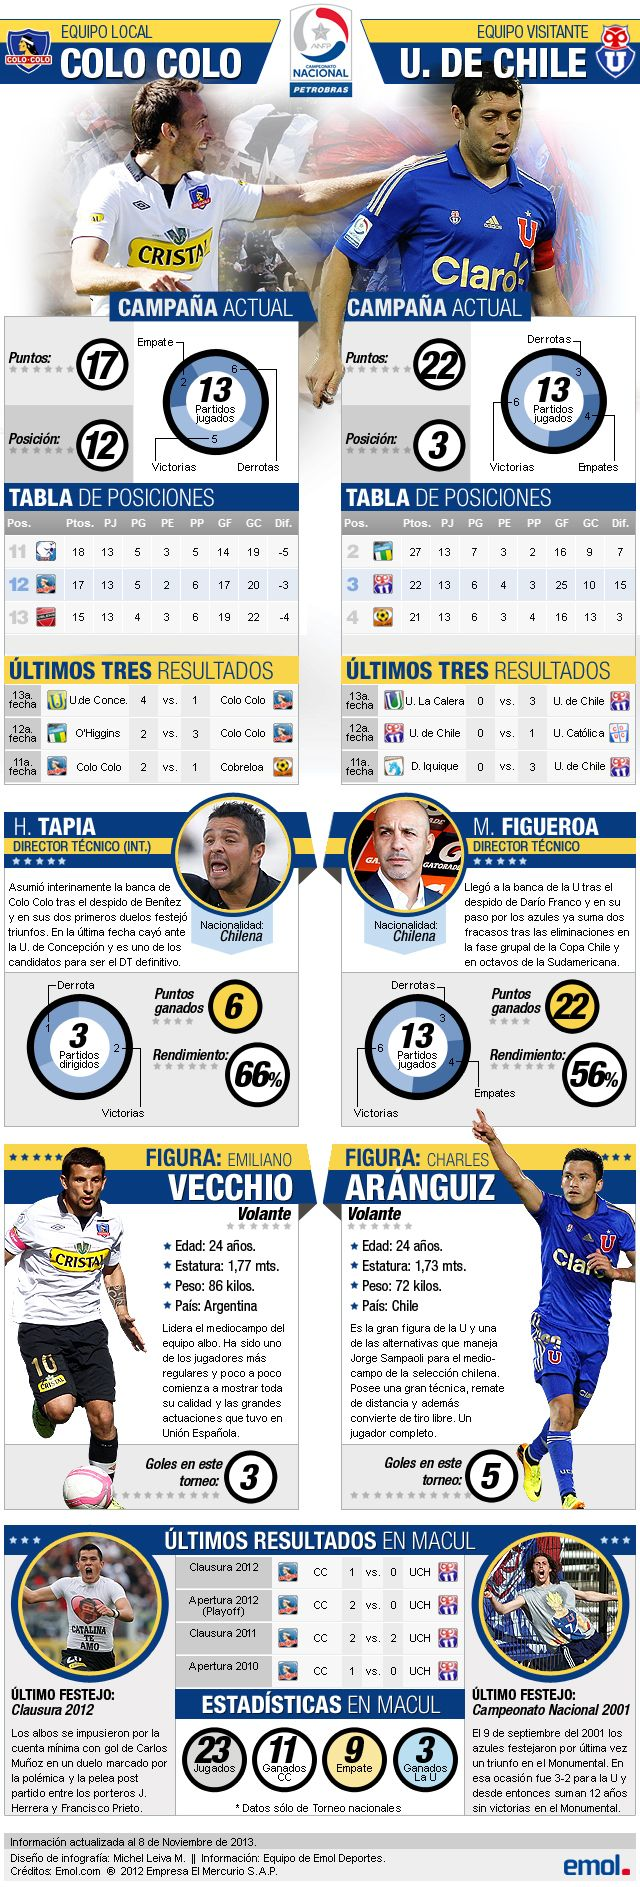 Un trabajo que hice el viernes algo rápido. Cómo llegan #ColoColo y la #UdeChile a una nueva edición del Superclásico #Infografia #design - Colo-Colo vs Universidad de Chile